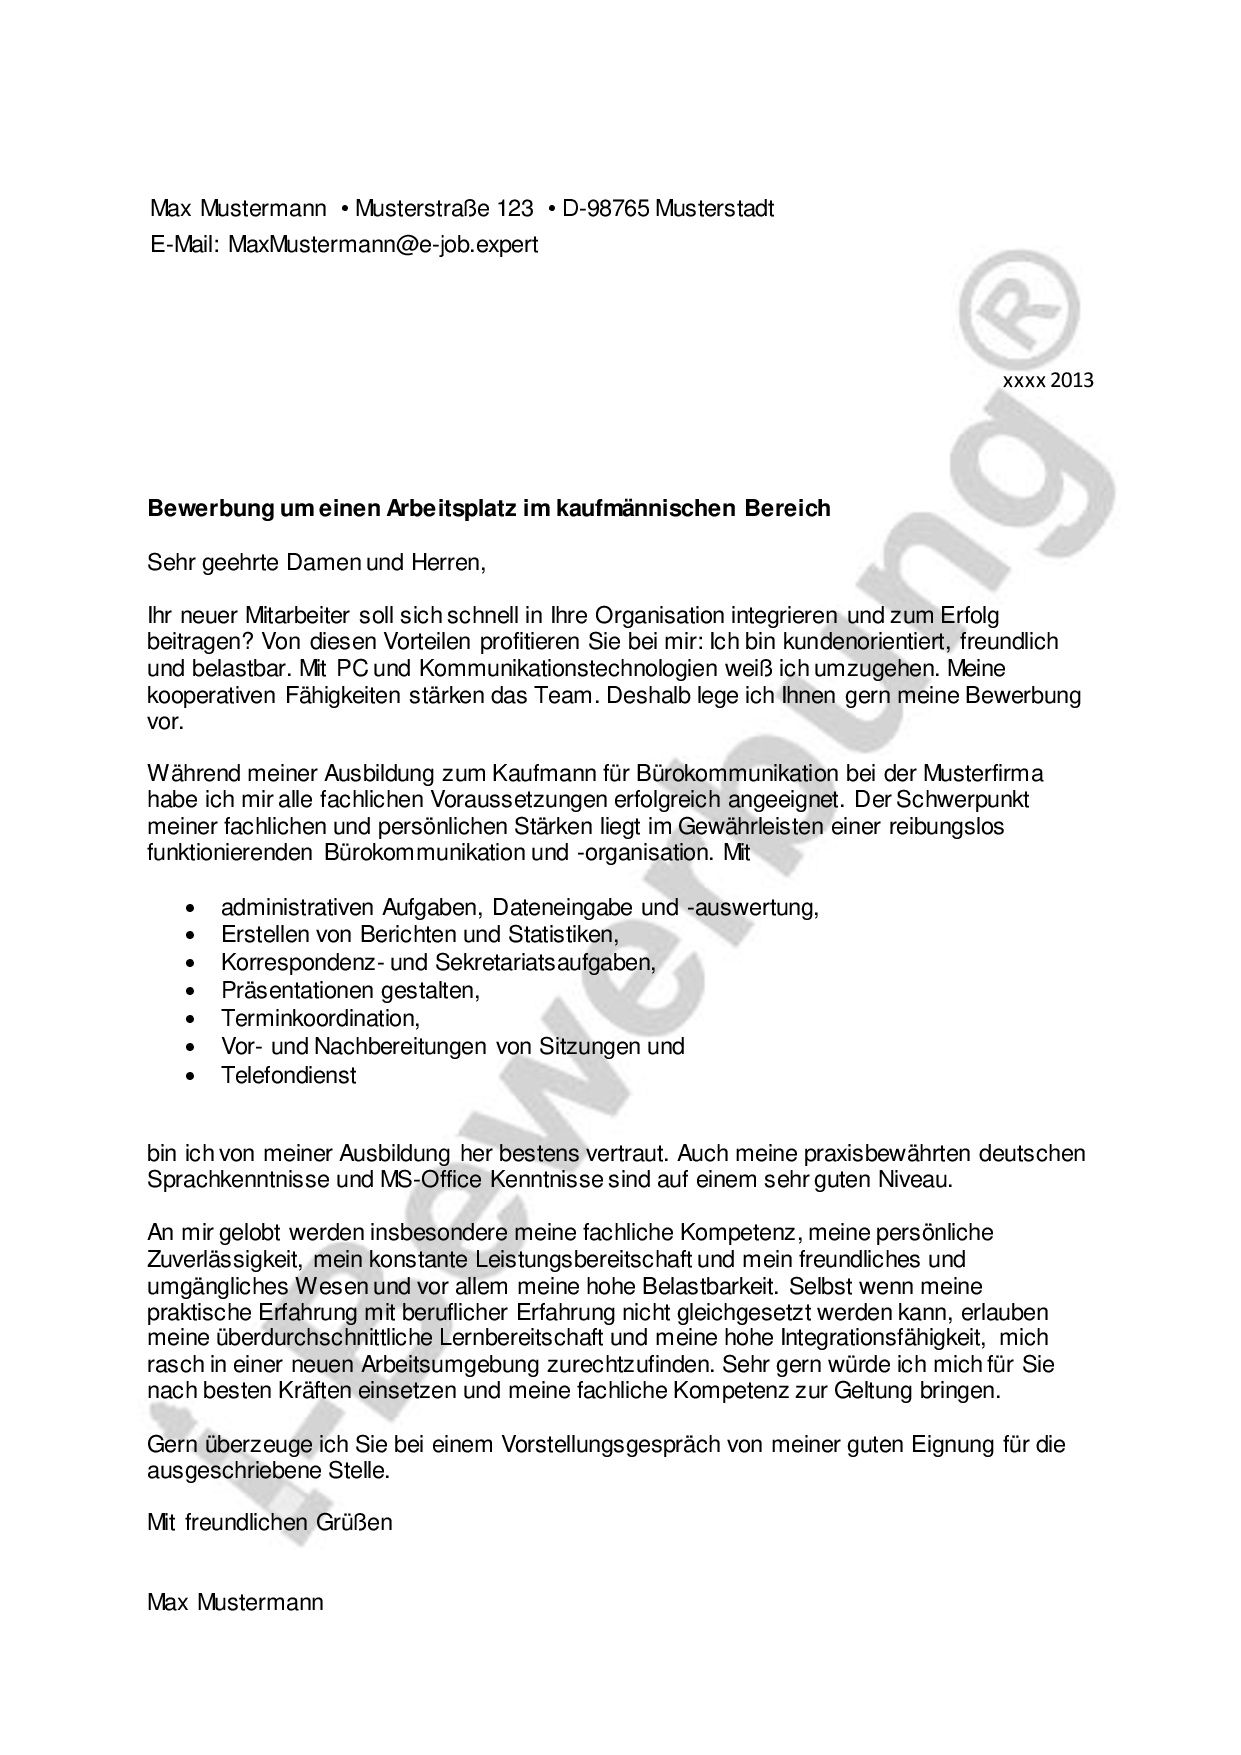 Was Ist Initiativbewerbung Entdecken Sie Den Verdeckten Stellenmarkt Bewerbung Formulierung Bewerbung Schreiben Bewerbung Anschreiben